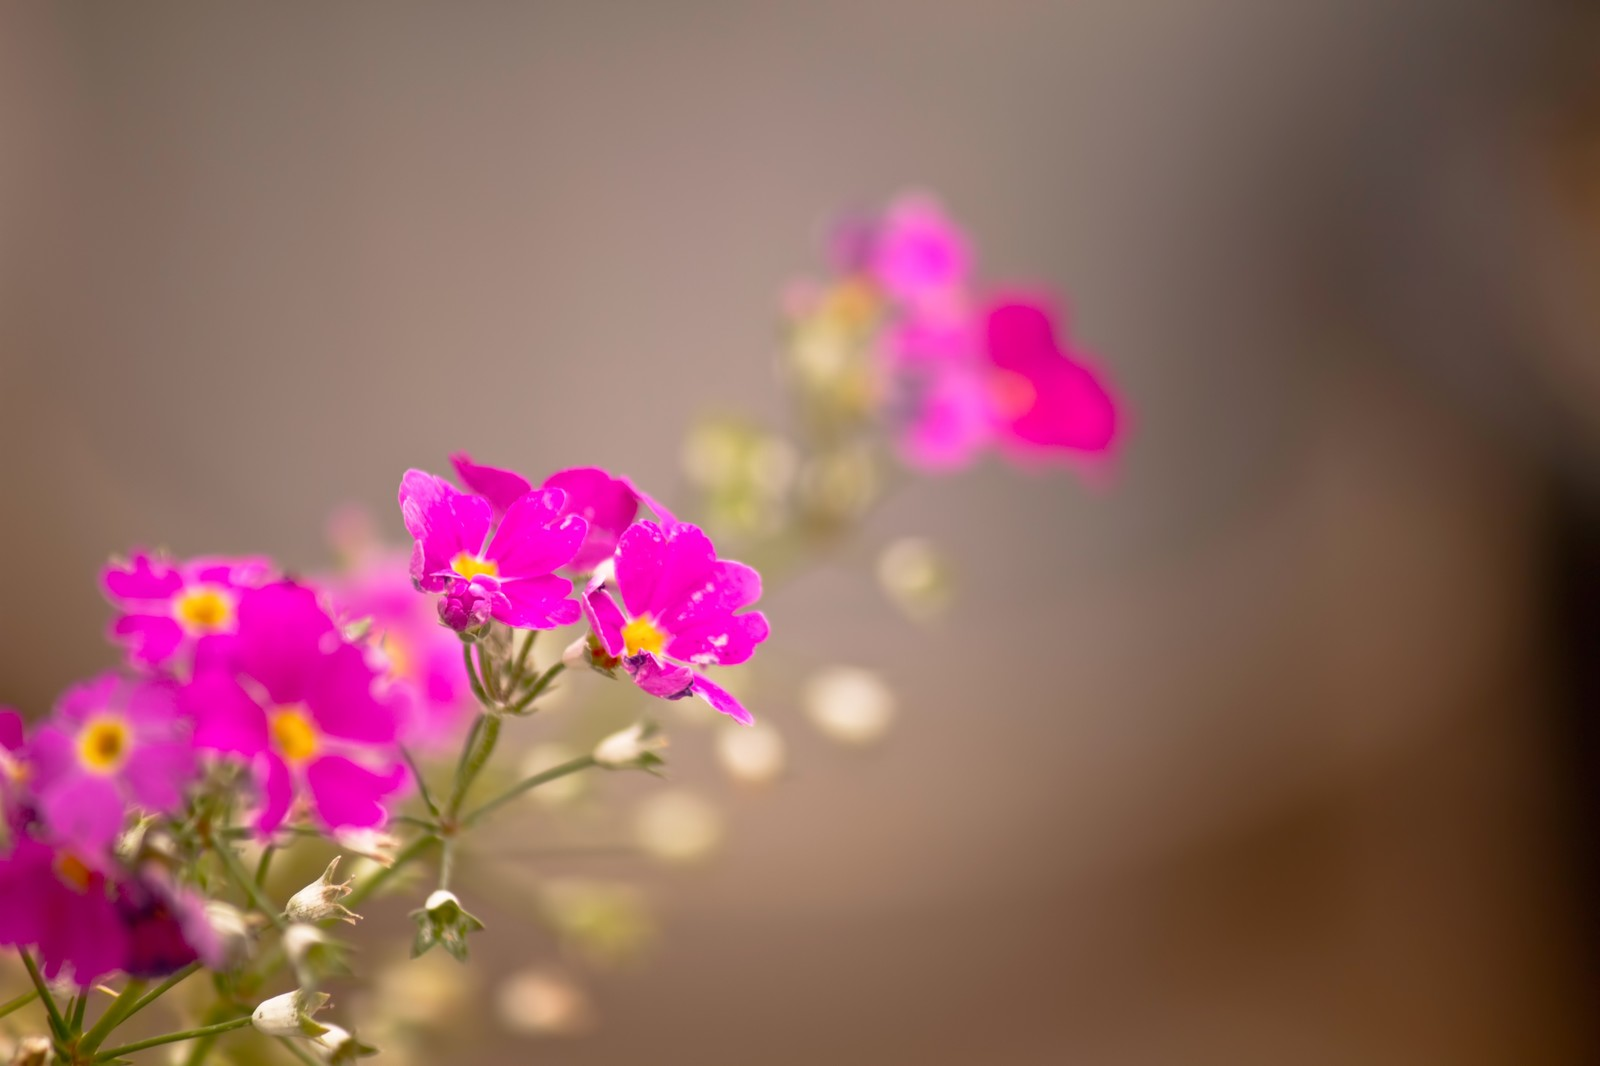 「ピンク色の小さな花」の写真